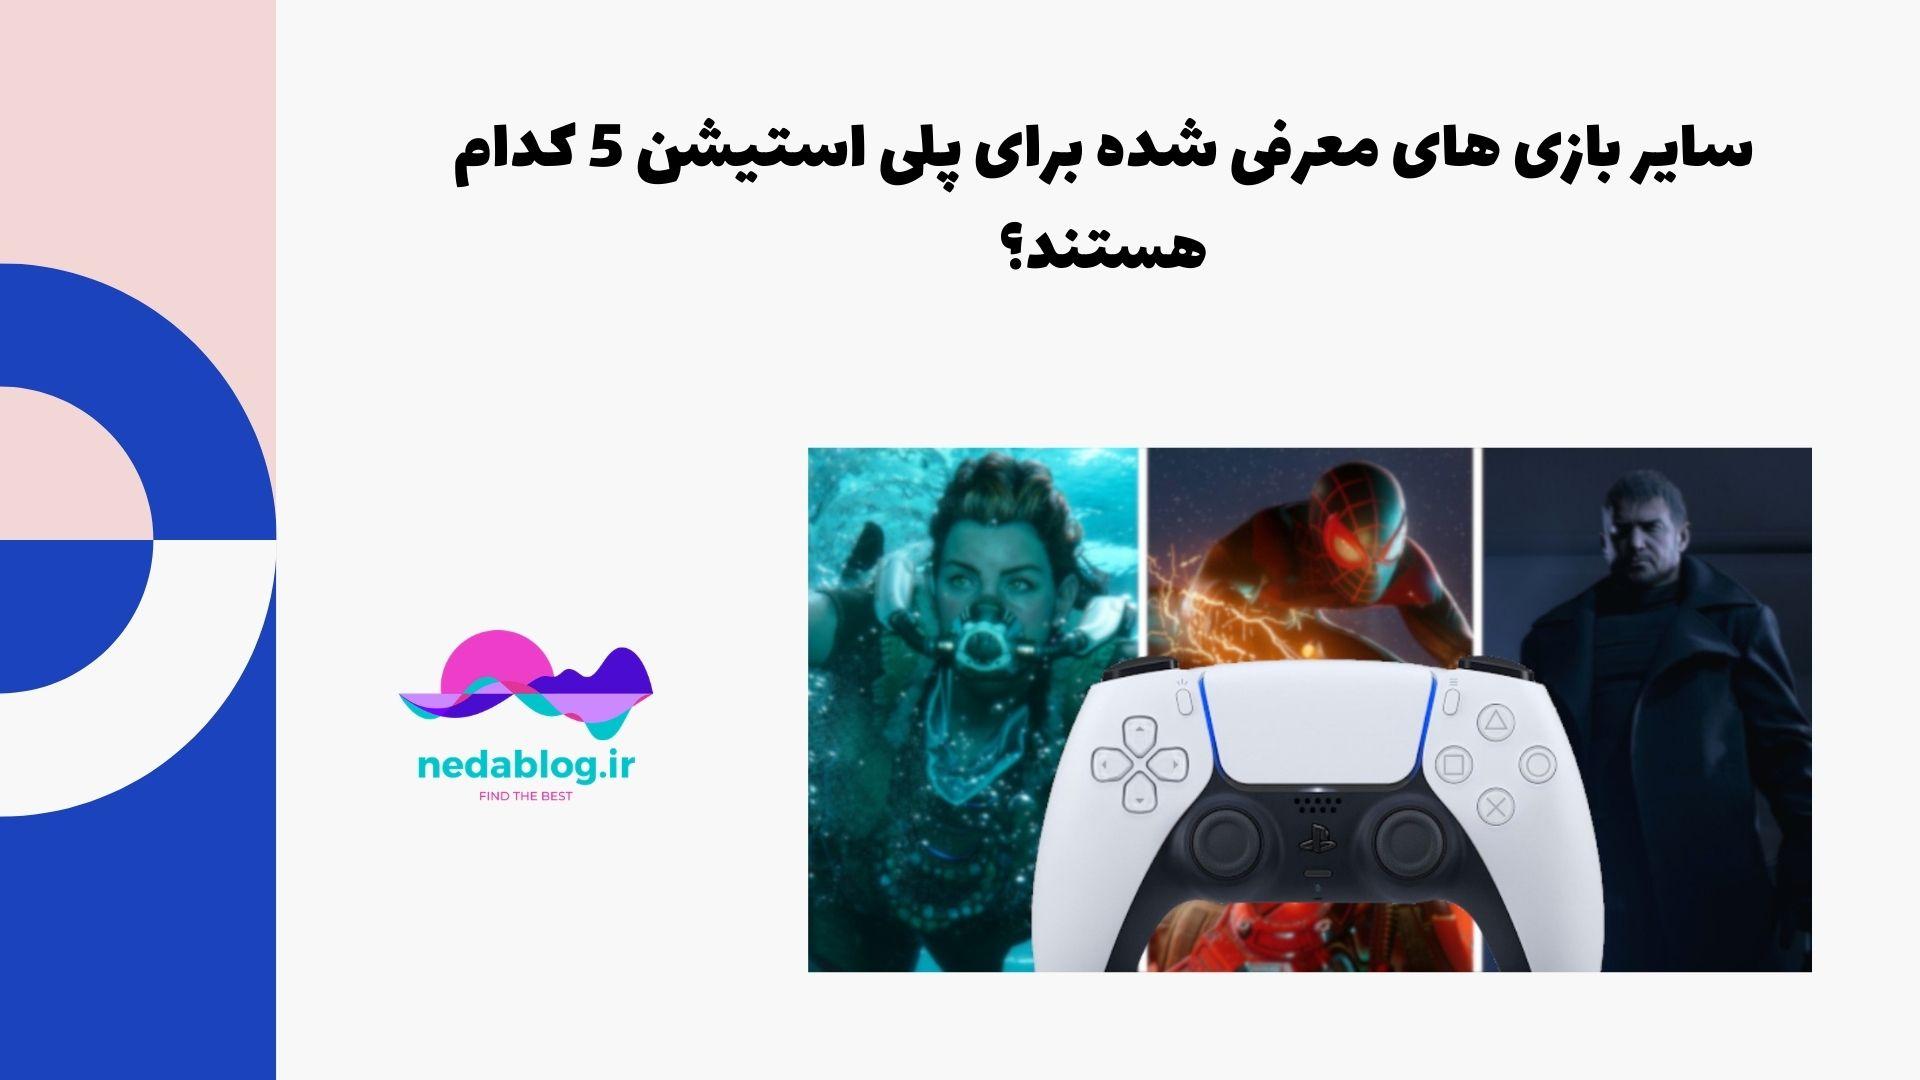 سایر بازی های معرفی شده برای پلی استیشن 5 کدام هستند؟